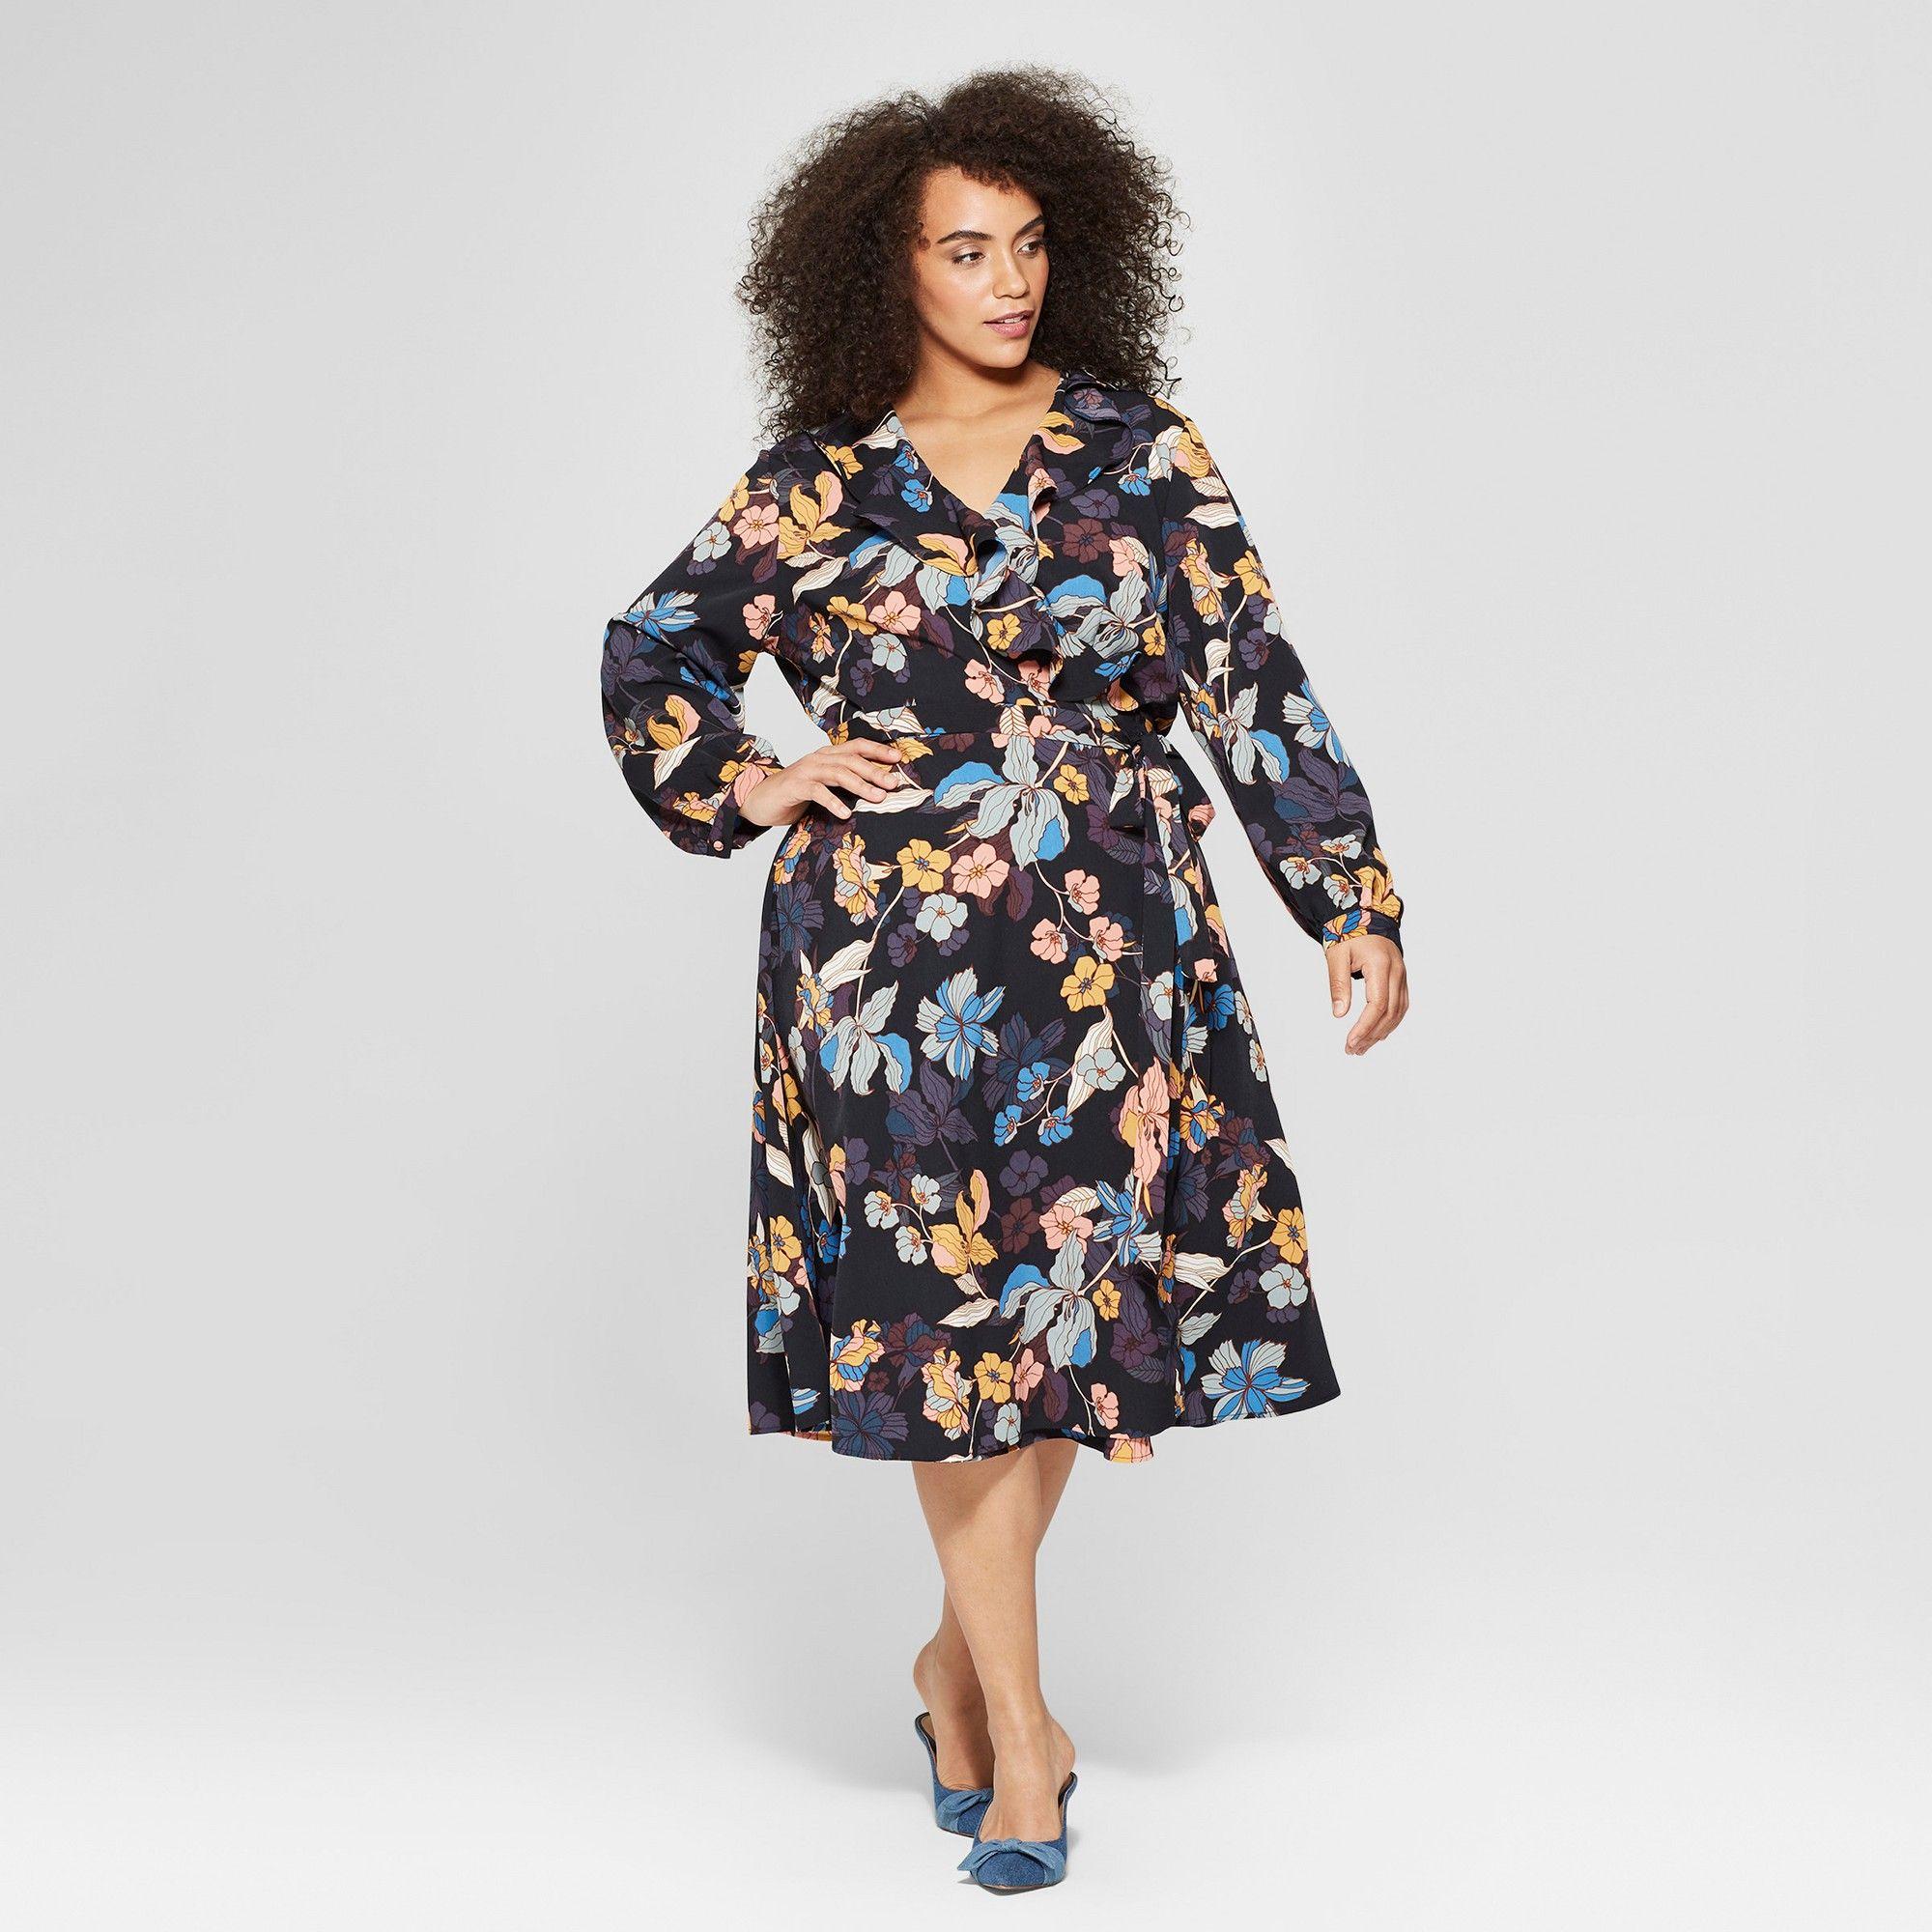 099b50005c9 Women's Plus Size Floral Print Long Sleeve Ruffle Wrap Midi Dress ...